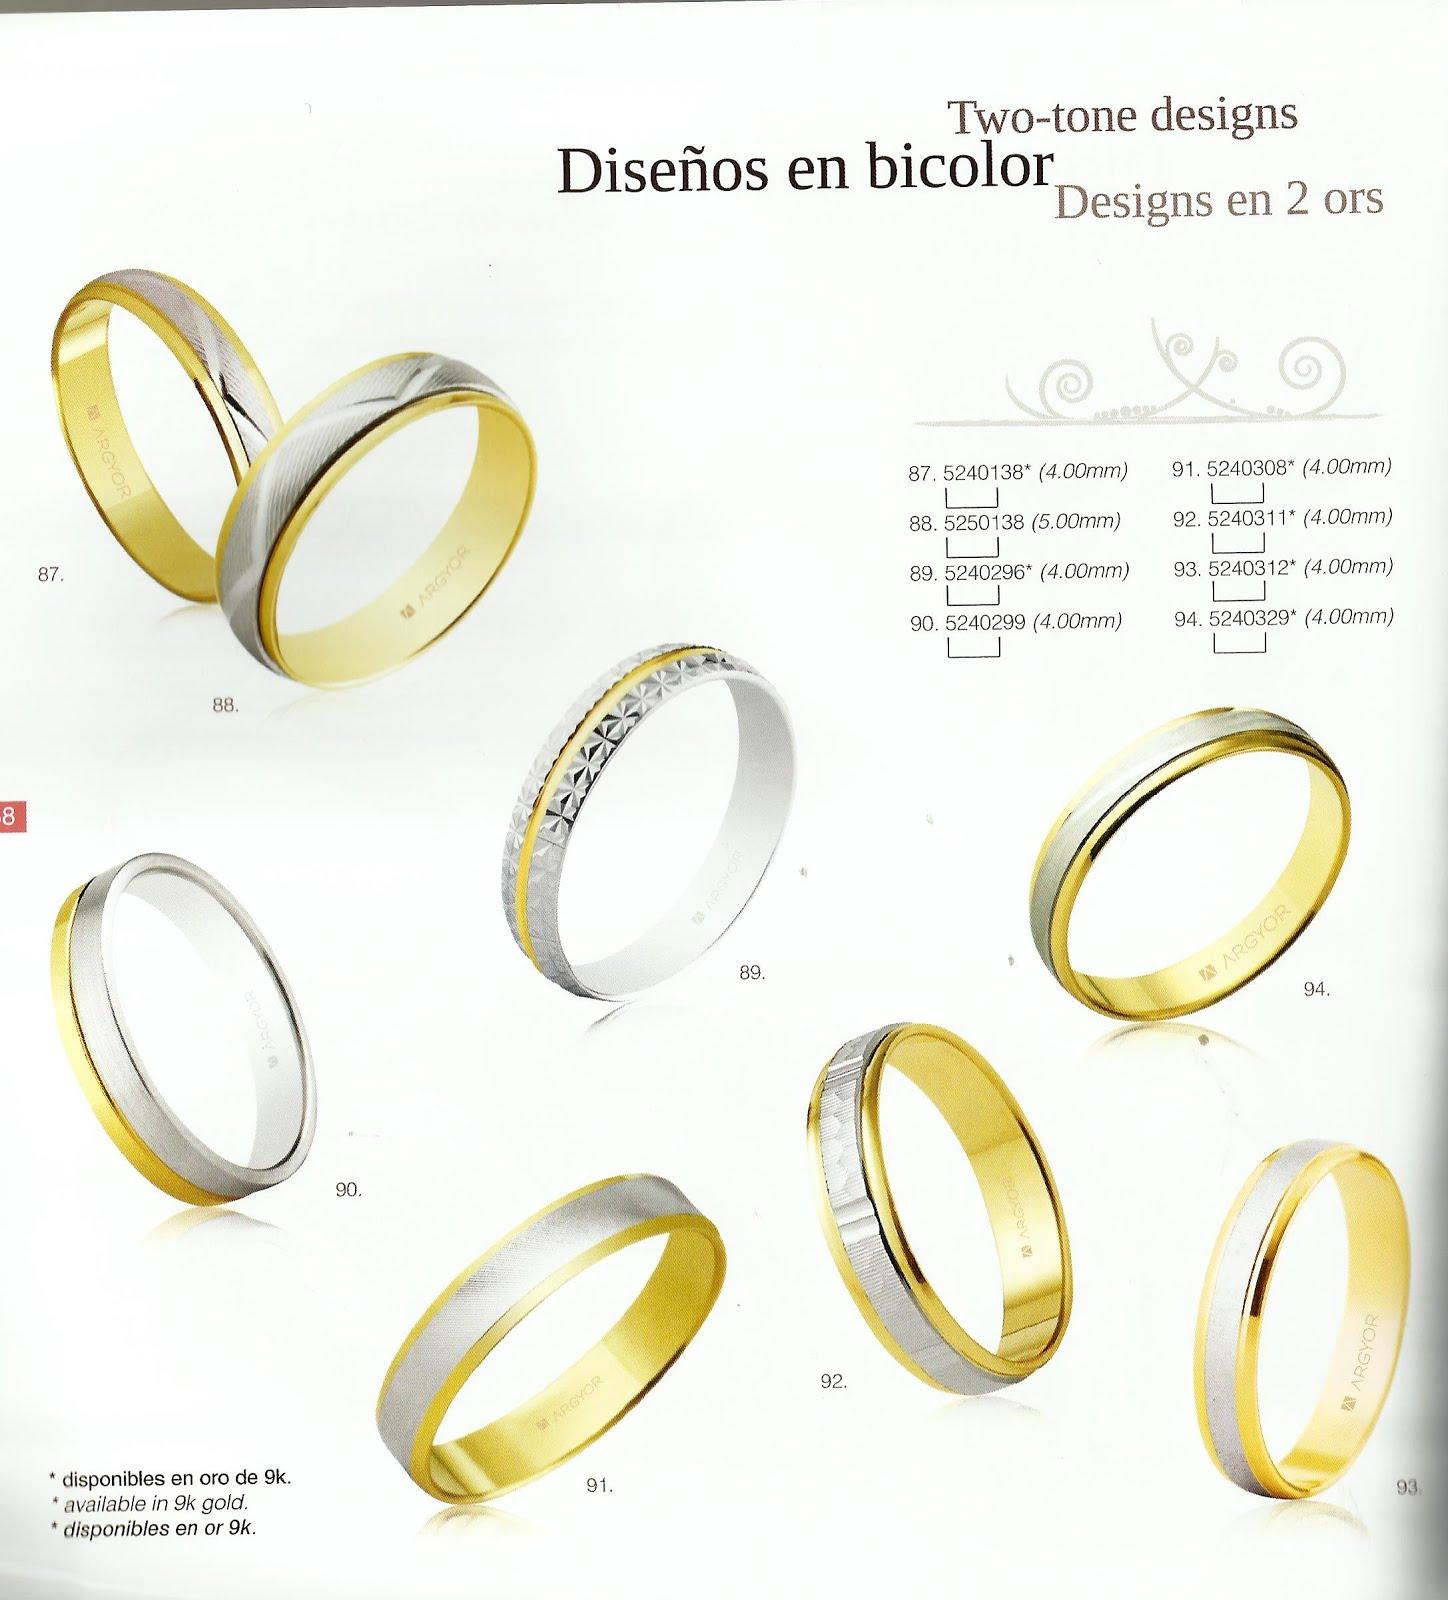 Oro blanco, amarillo, brillo, mate, con brillantes...